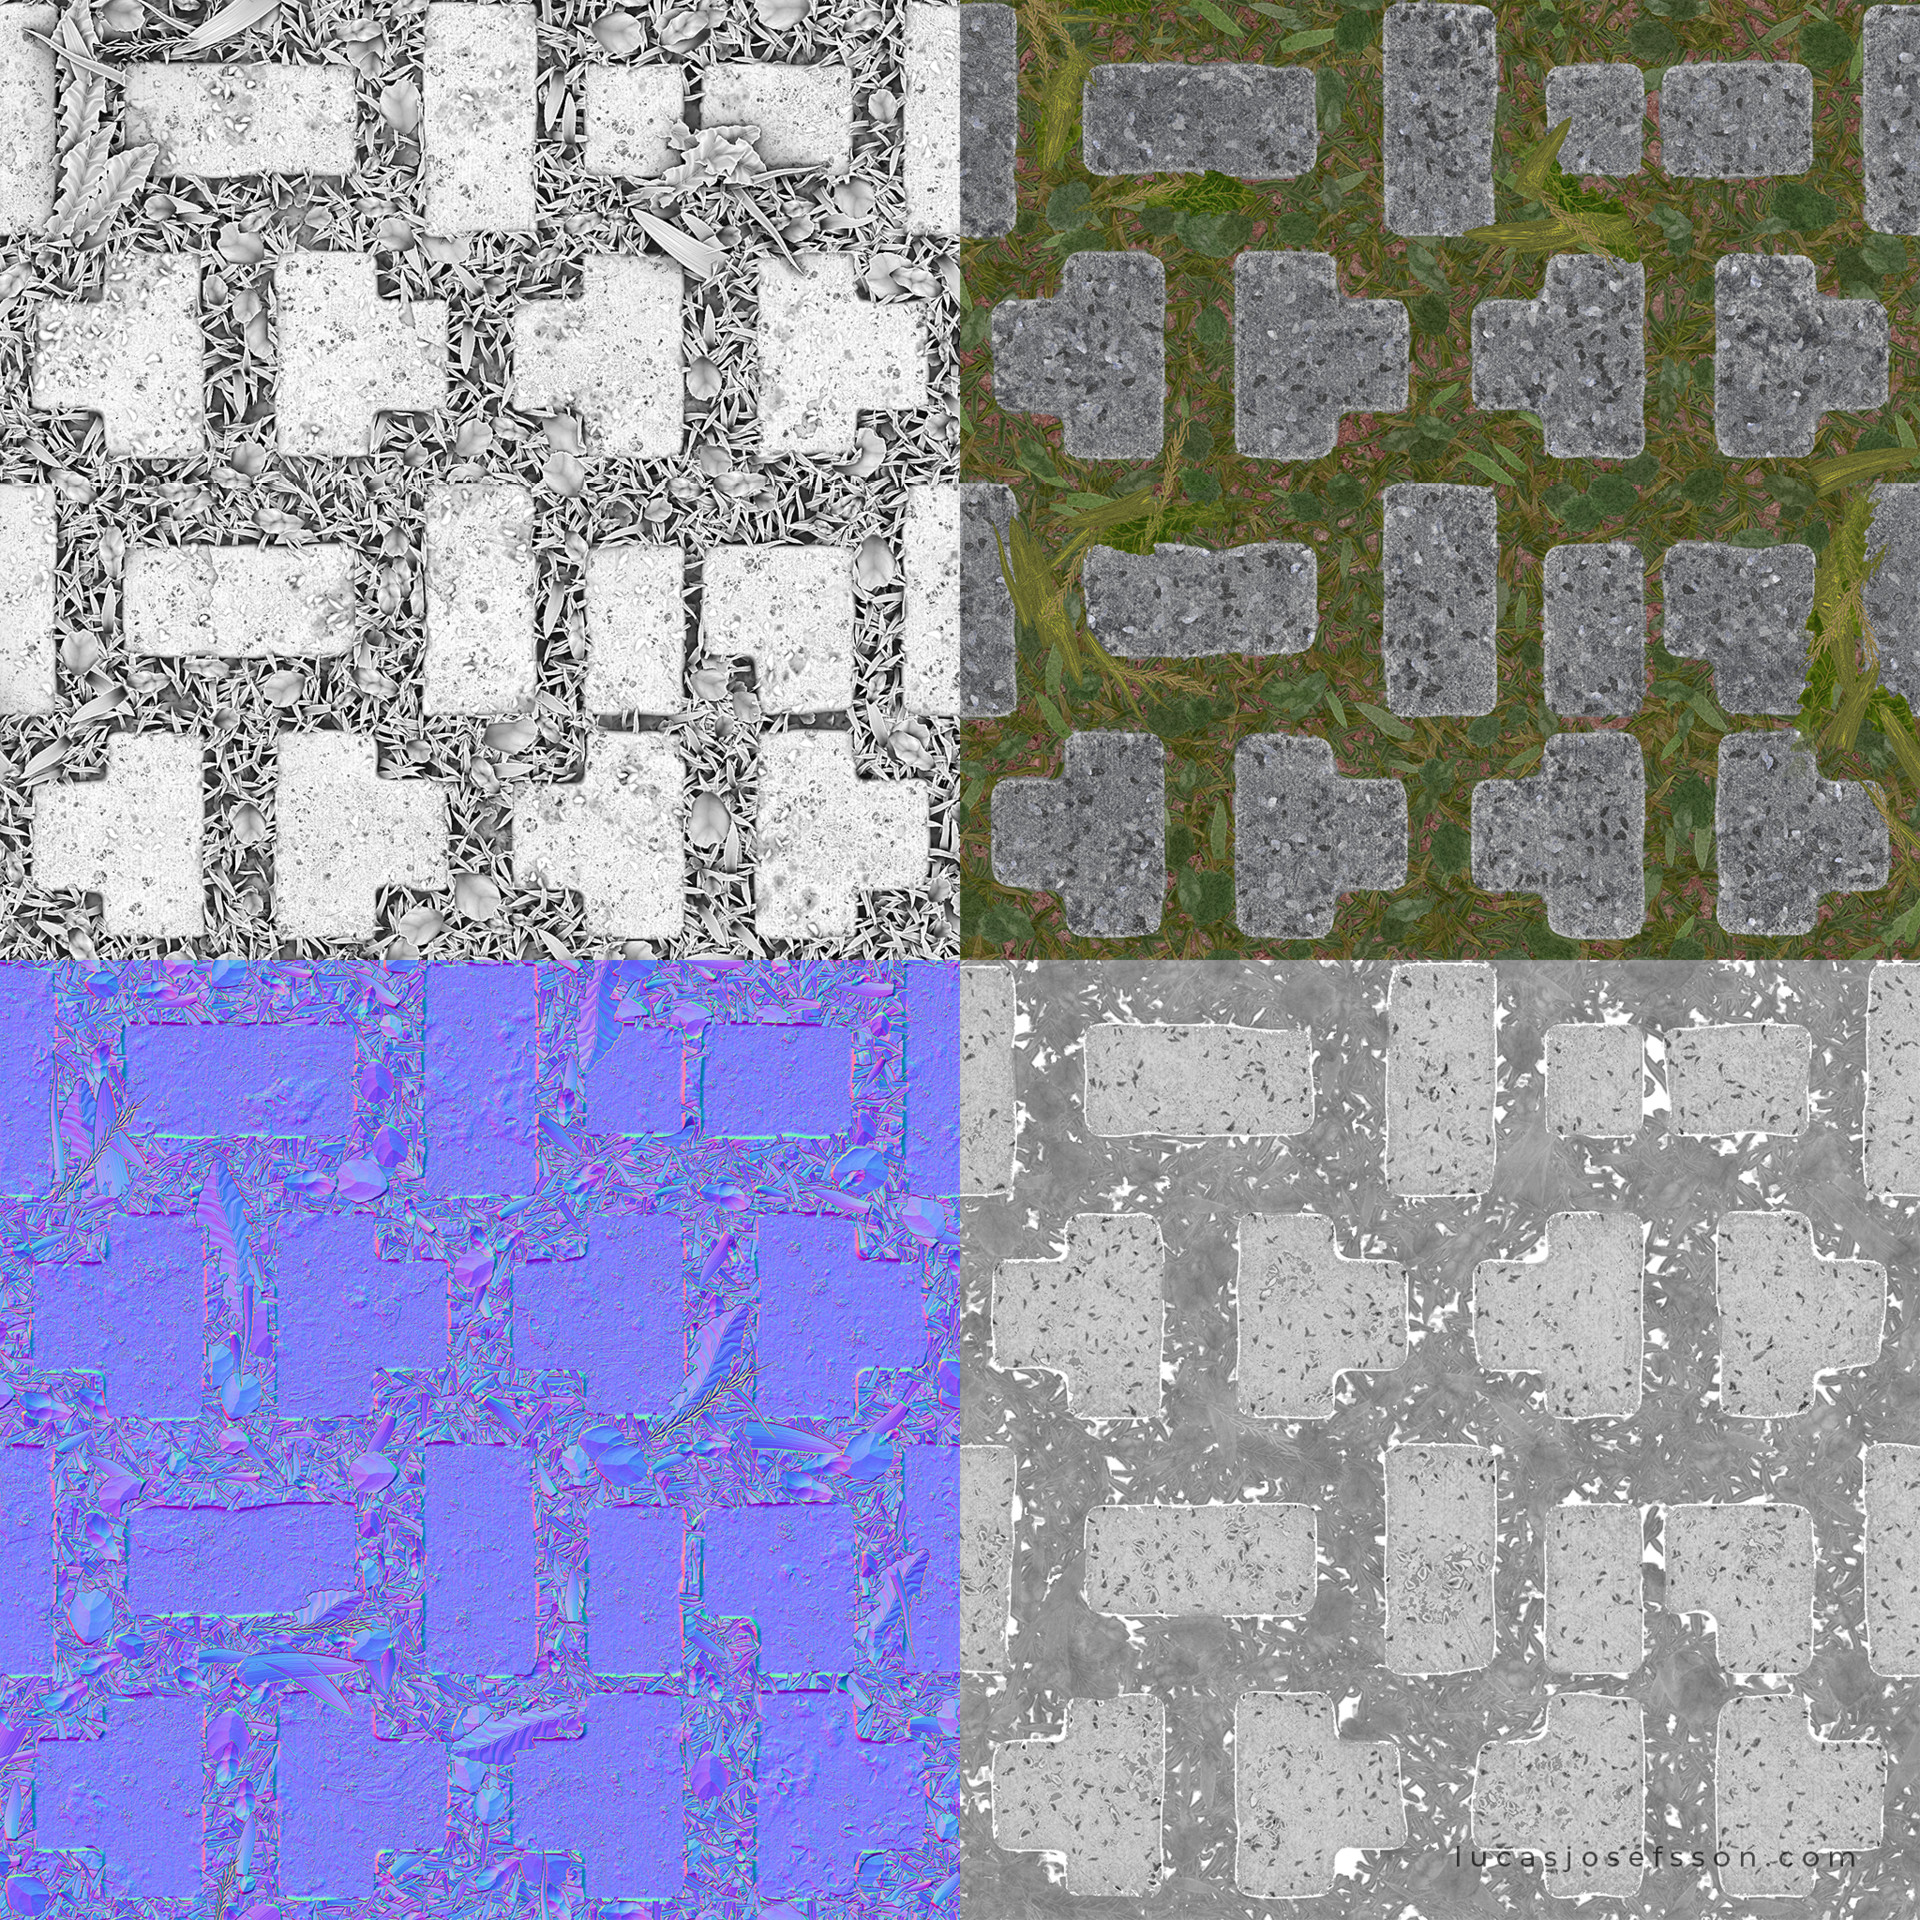 Lucas josefsson cobble with grass lucasjosefsson textures